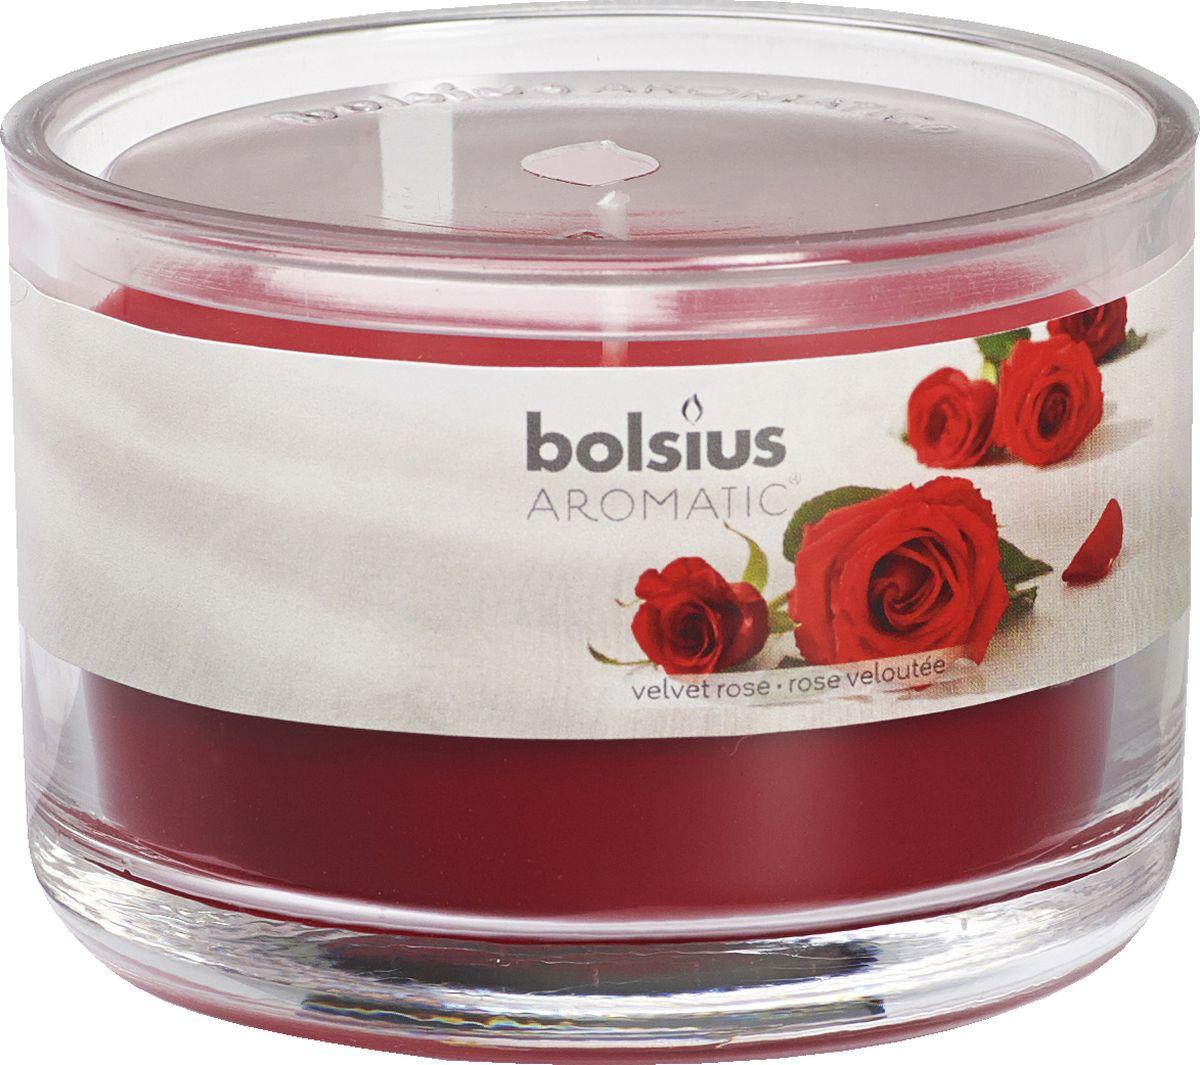 Свеча ароматизированная Bolsius Роза, высота 6,3 см103625820381Ароматизированная свеча Bolsius, изготовленная из парафина, помещена в подсвечник, выполненный из стекла. Изделие отличается оригинальным дизайном и приятным ароматом. Такая свеча не только поможет дополнить интерьер вашей комнаты, но и станет отличным подарком.